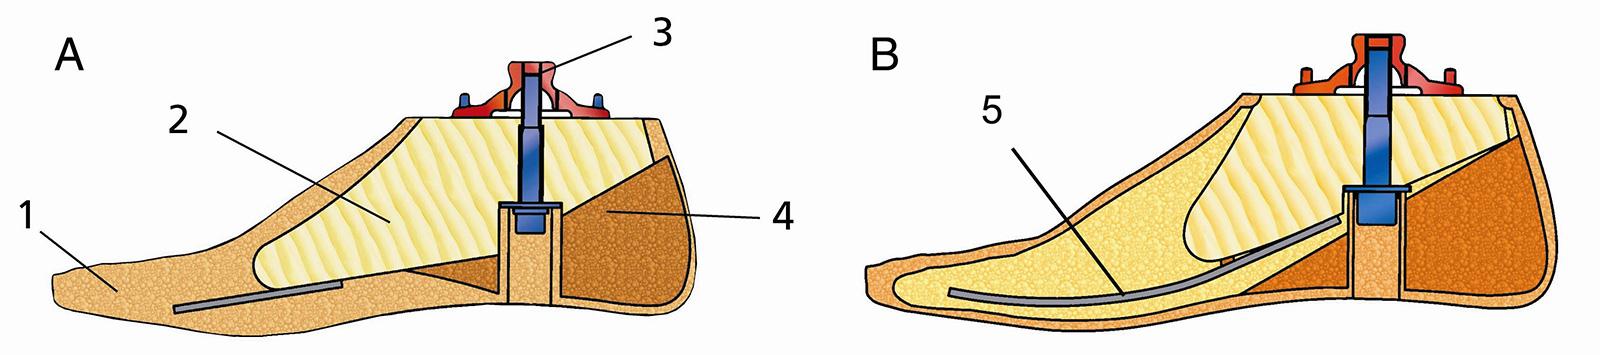 Abb. 10-11: A zeigt einen Solid Ankle Cushion Heel Fuß: 1=Fußformteil, 2=Holzkern, 3=Adapter, 4=Fersenkeil, 5=Vorfußfeder. B zeigt einen Dynamikfuß, der über eine ausgeprägte Vorfußfeder den Push off optimiert (mit freundlicher Genehmigung der Otto Bock H